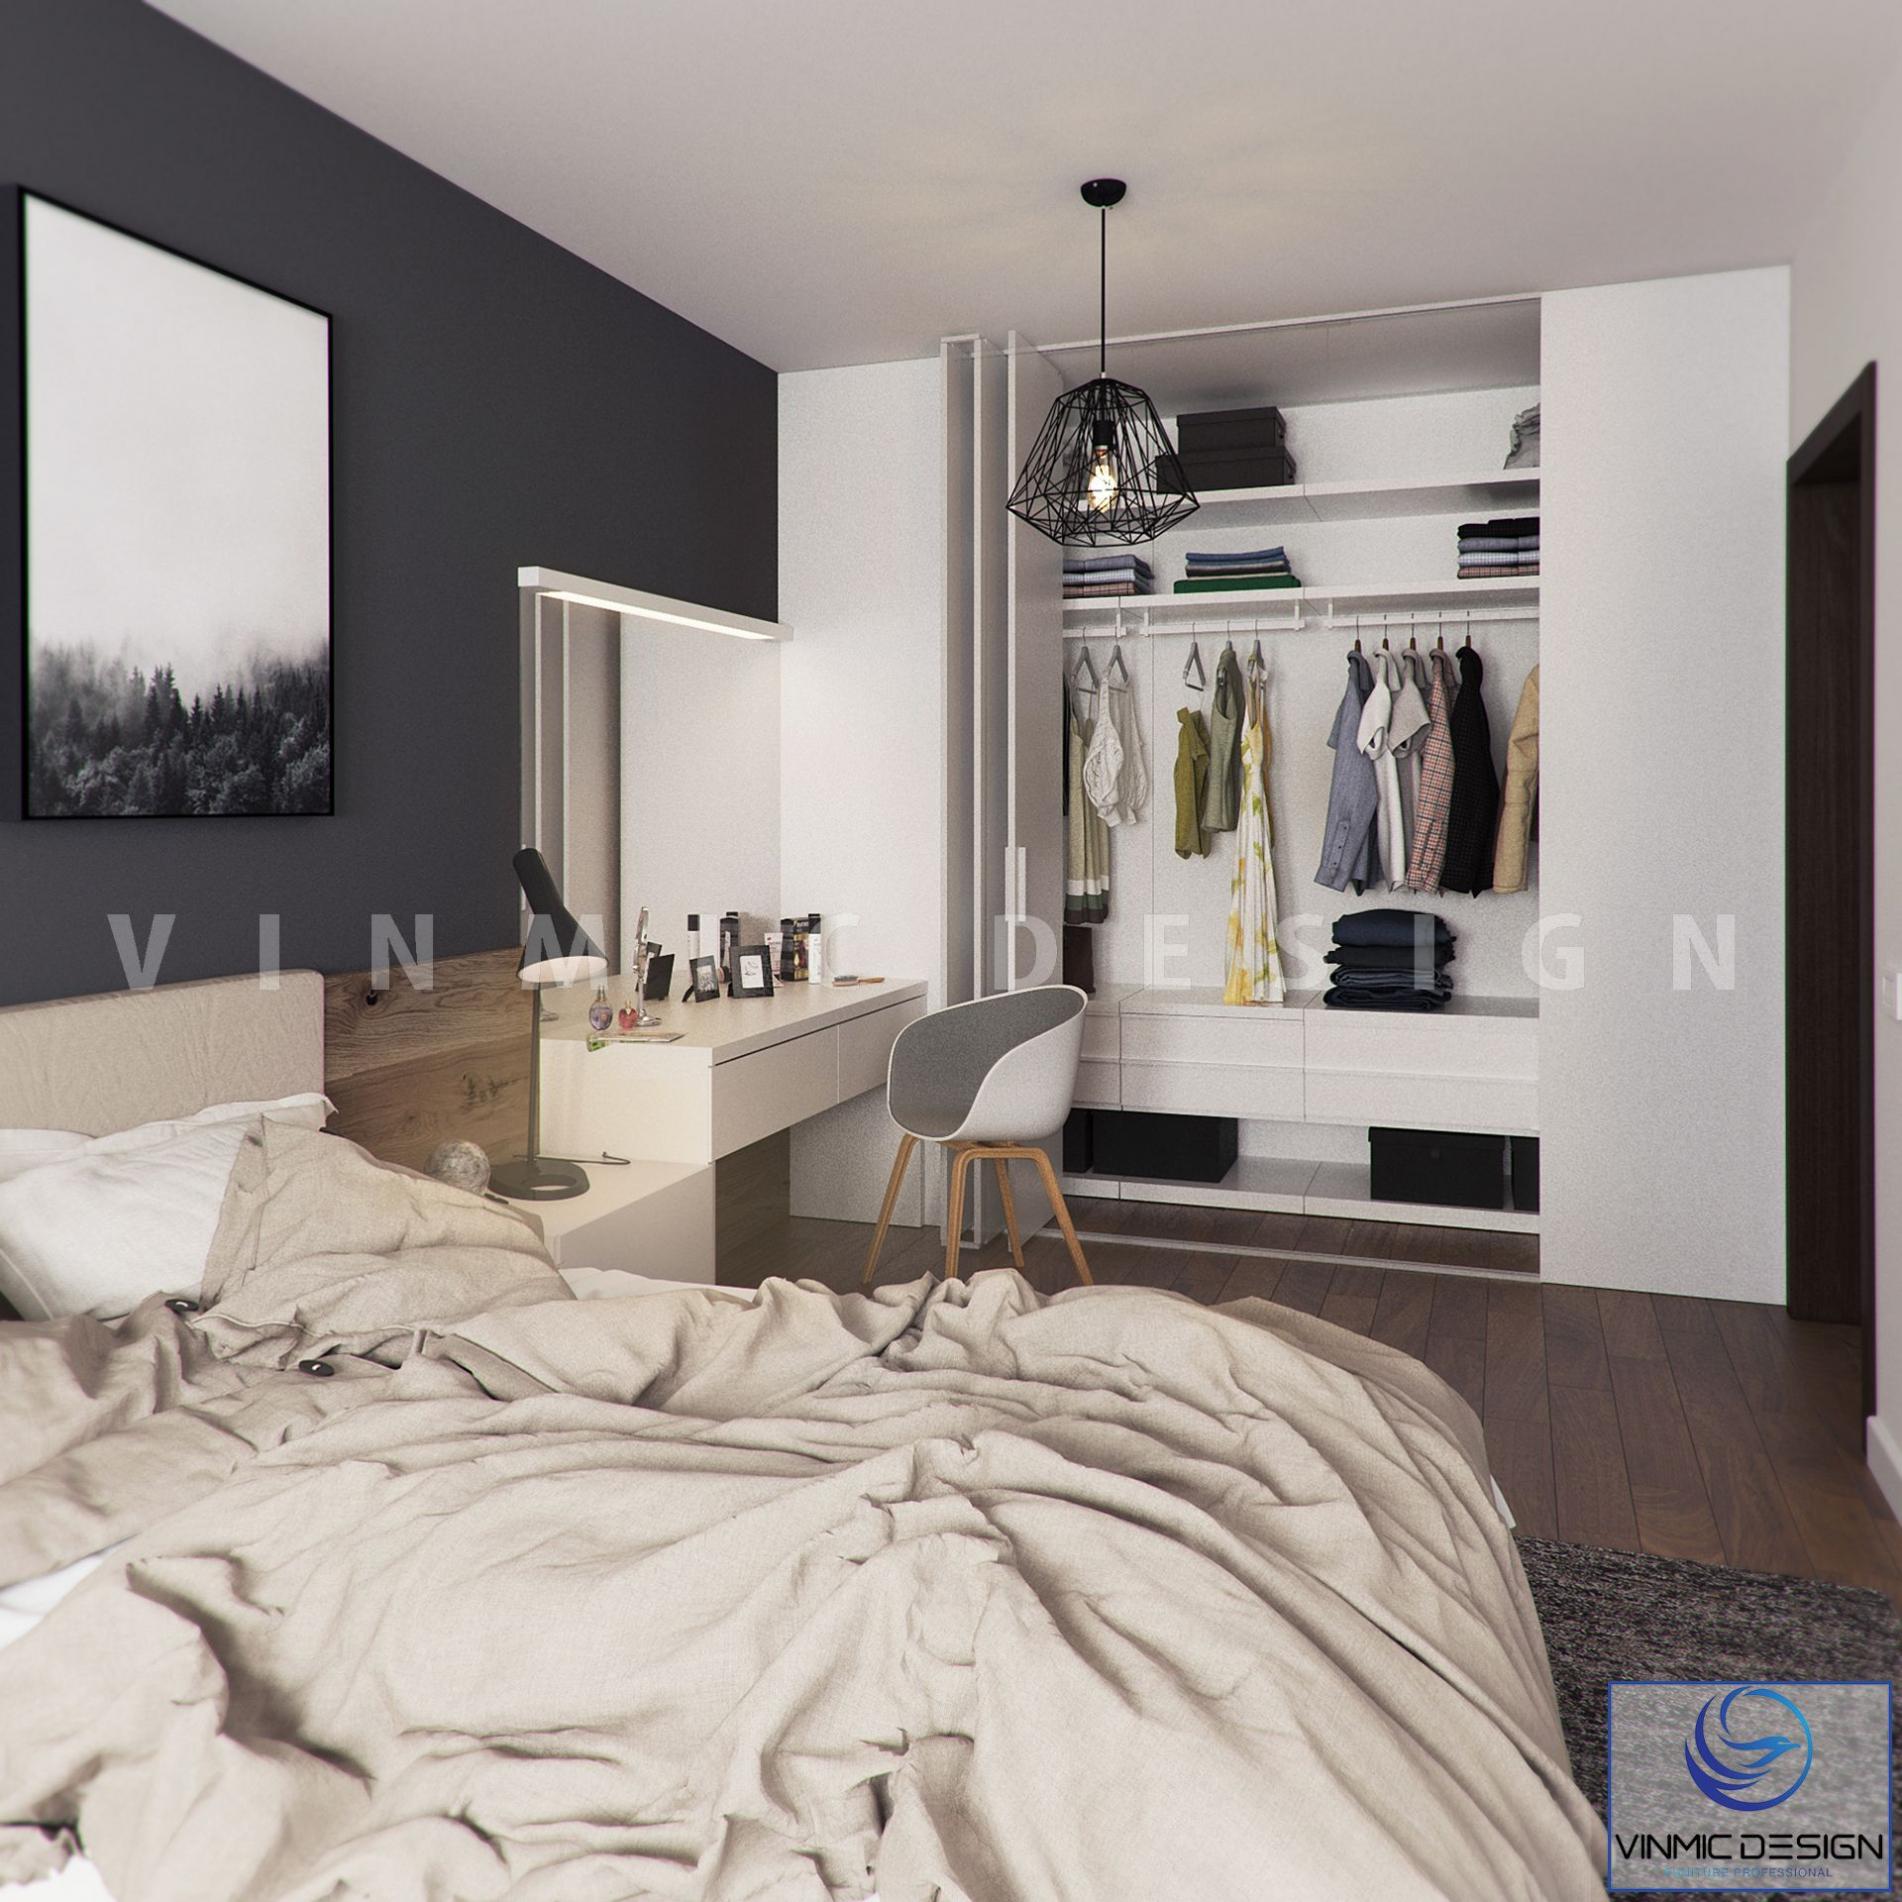 Thiết kế tủ áo hiện đại tiện ích